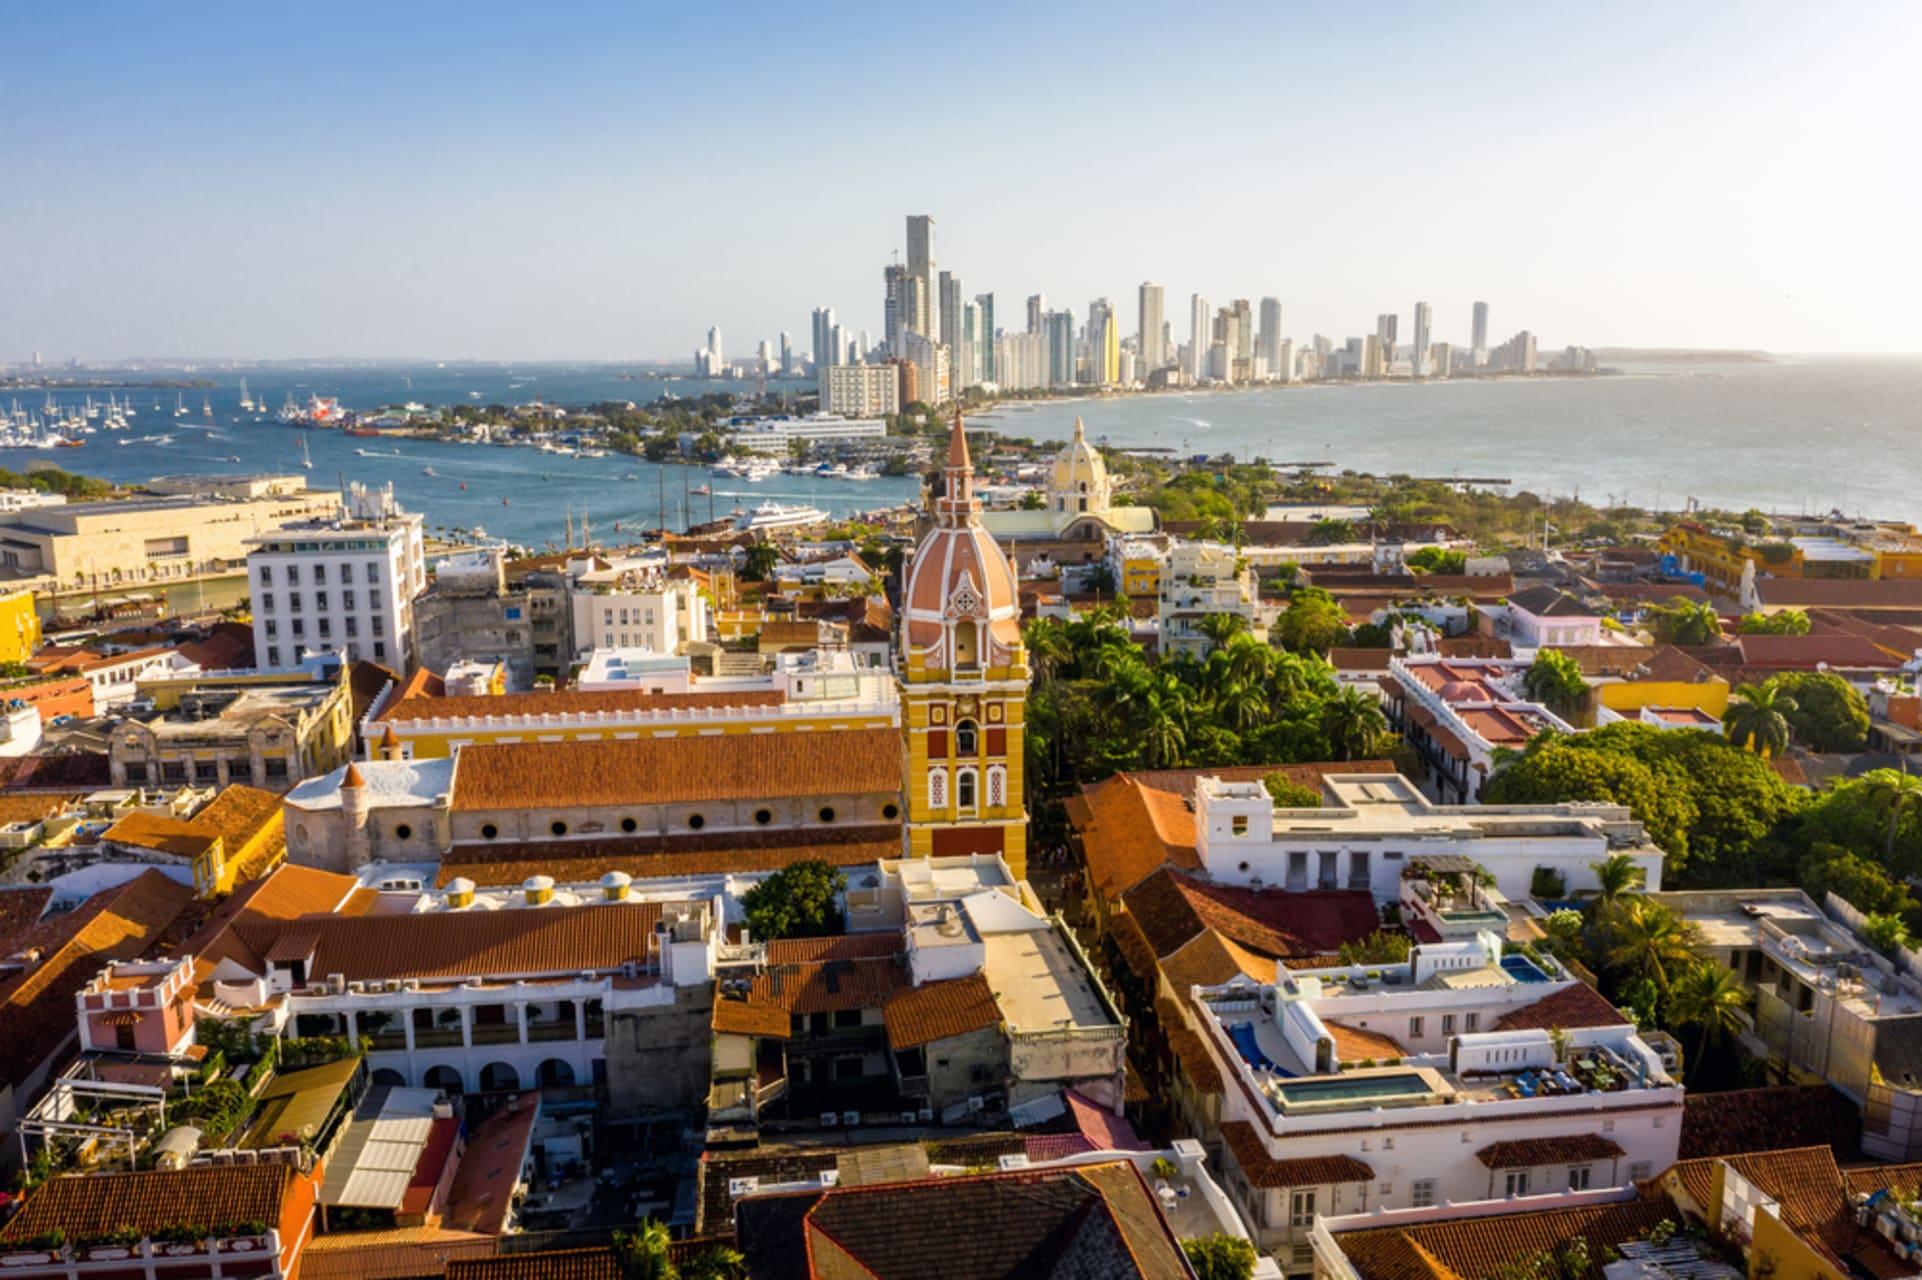 Cartagena cover image